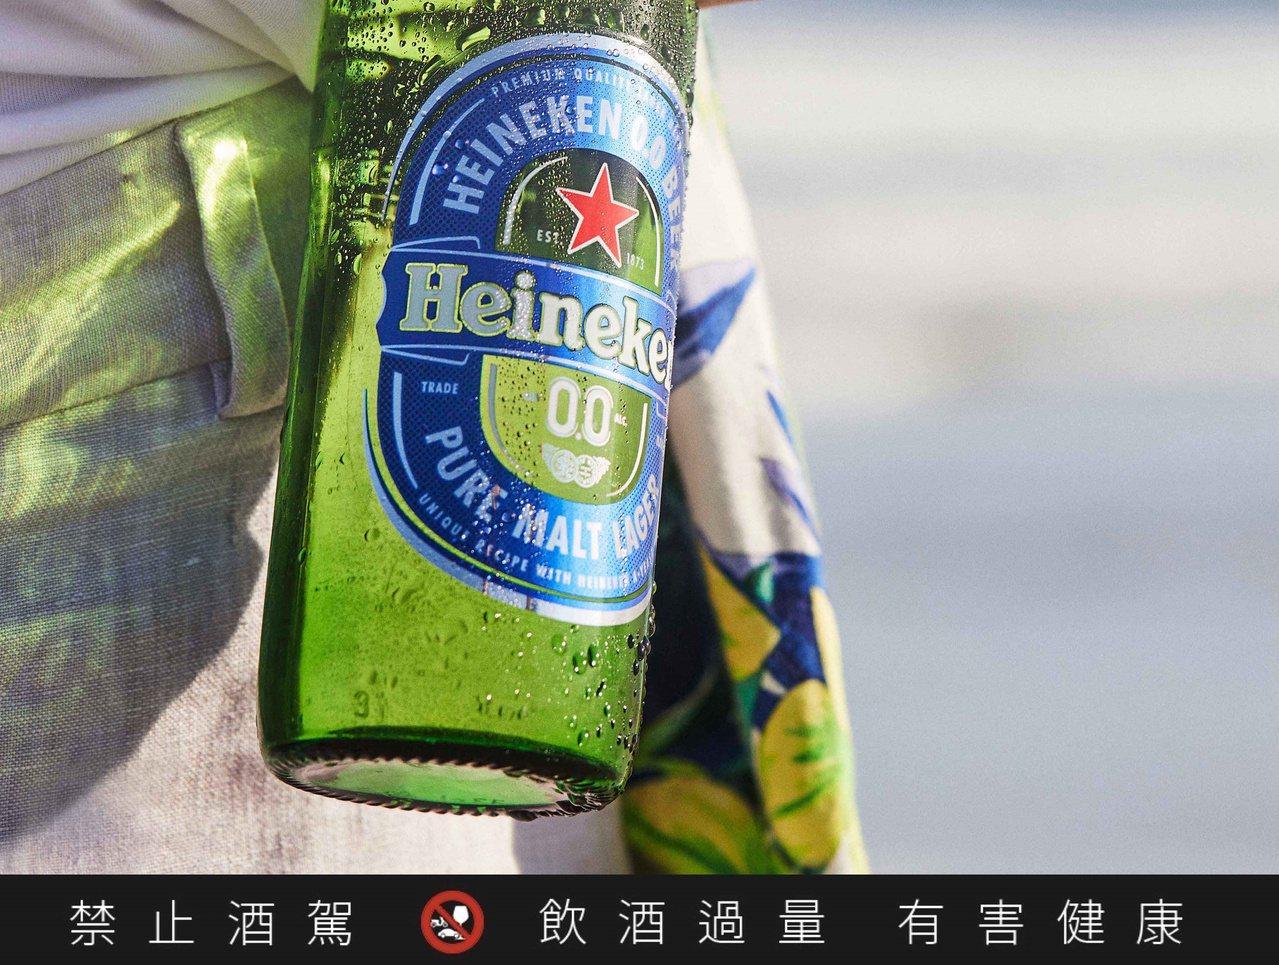 海尼根也有一瓶「0.0」無酒精,強調0酒精、但同樣擁有麥芽風味與氣泡感。提醒您:...